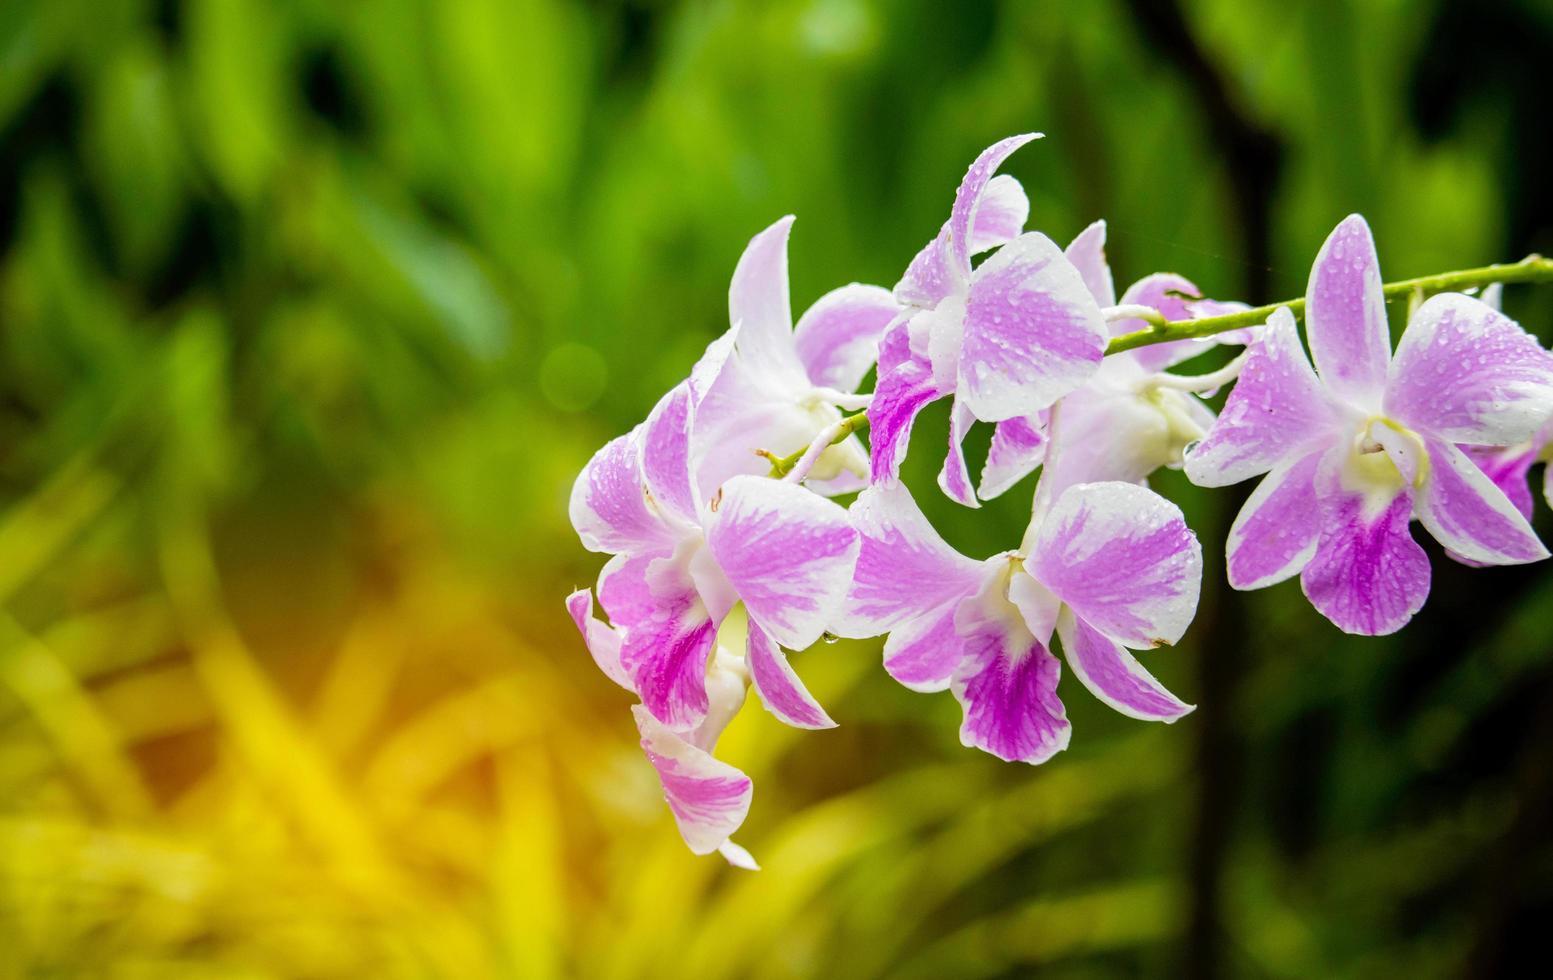 orchidées qui fleurissent sur un fond naturel vert photo